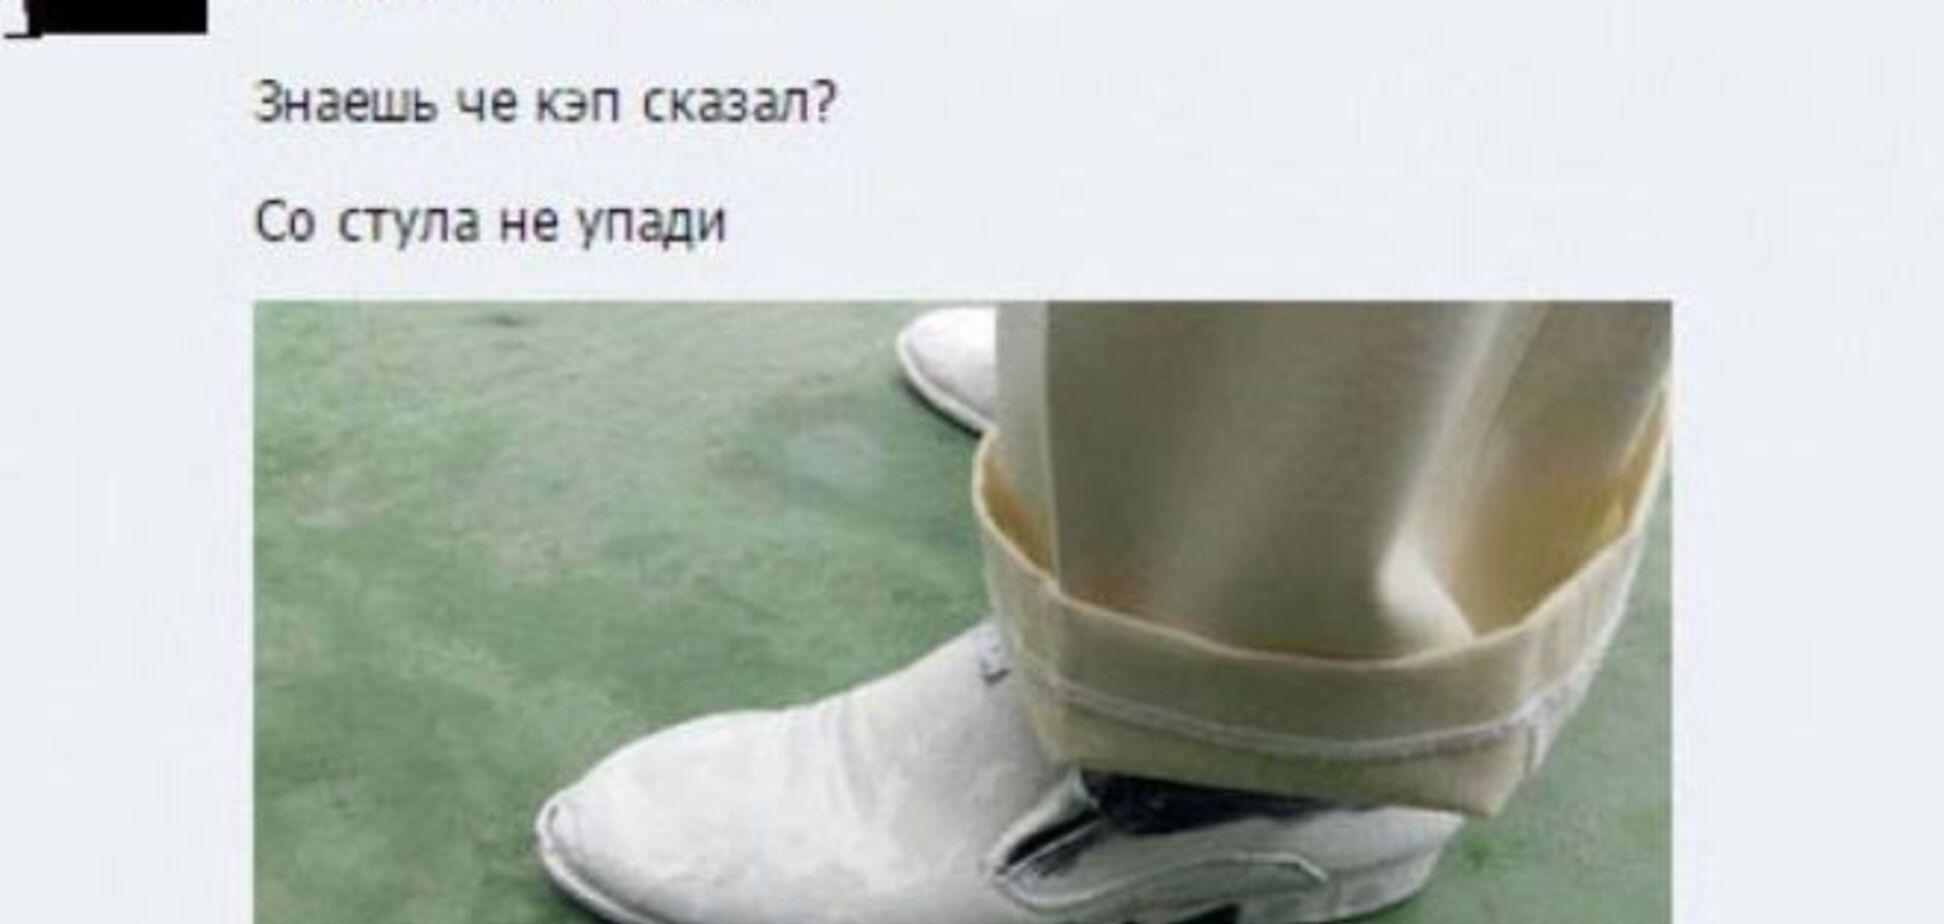 'Блиск і злидні!'. У мережі висміяли 'білі' туфлі російських моряків